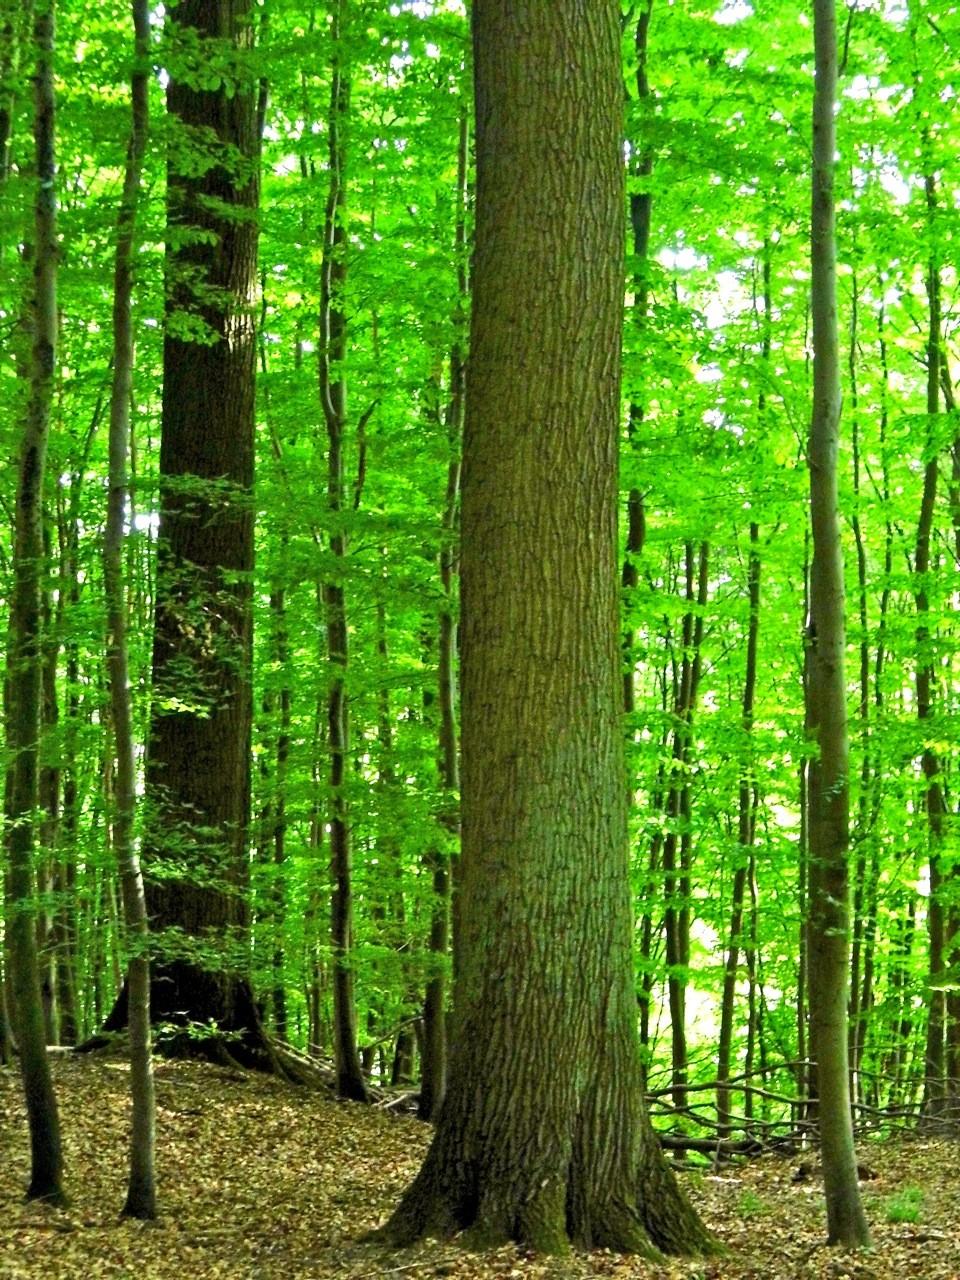 Eine solche Eiche kann als Starkholz genutzt und zu Furnieren verarbeitet werden, erklärte Volker Vömel den Teilnehmern.